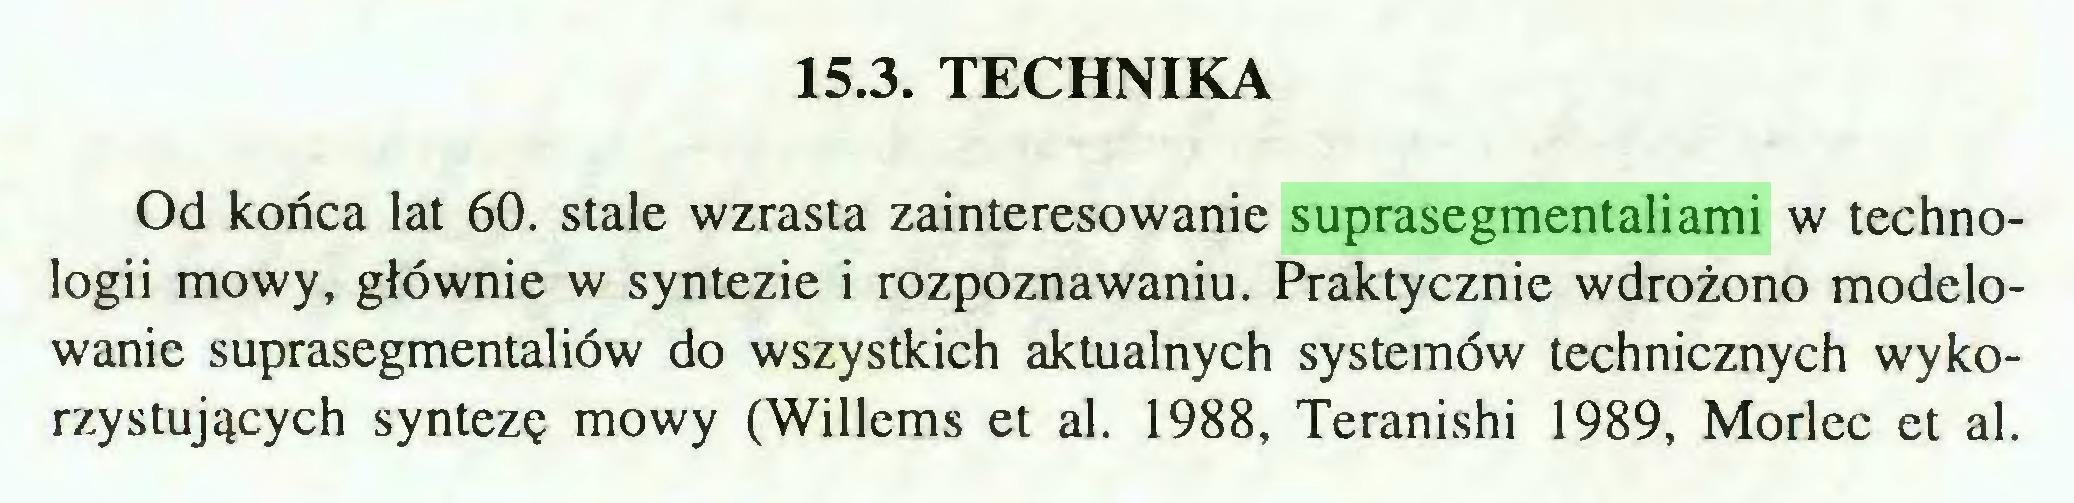 (...) 15.3. TECHNIKA Od końca lat 60. stale wzrasta zainteresowanie suprasegmentaliami w technologii mowy, głównie w syntezie i rozpoznawaniu. Praktycznie wdrożono modelowanie suprasegmentaliów do wszystkich aktualnych systemów technicznych wykorzystujących syntezę mowy (Willems et al. 1988, Teranishi 1989, Morlec et al...